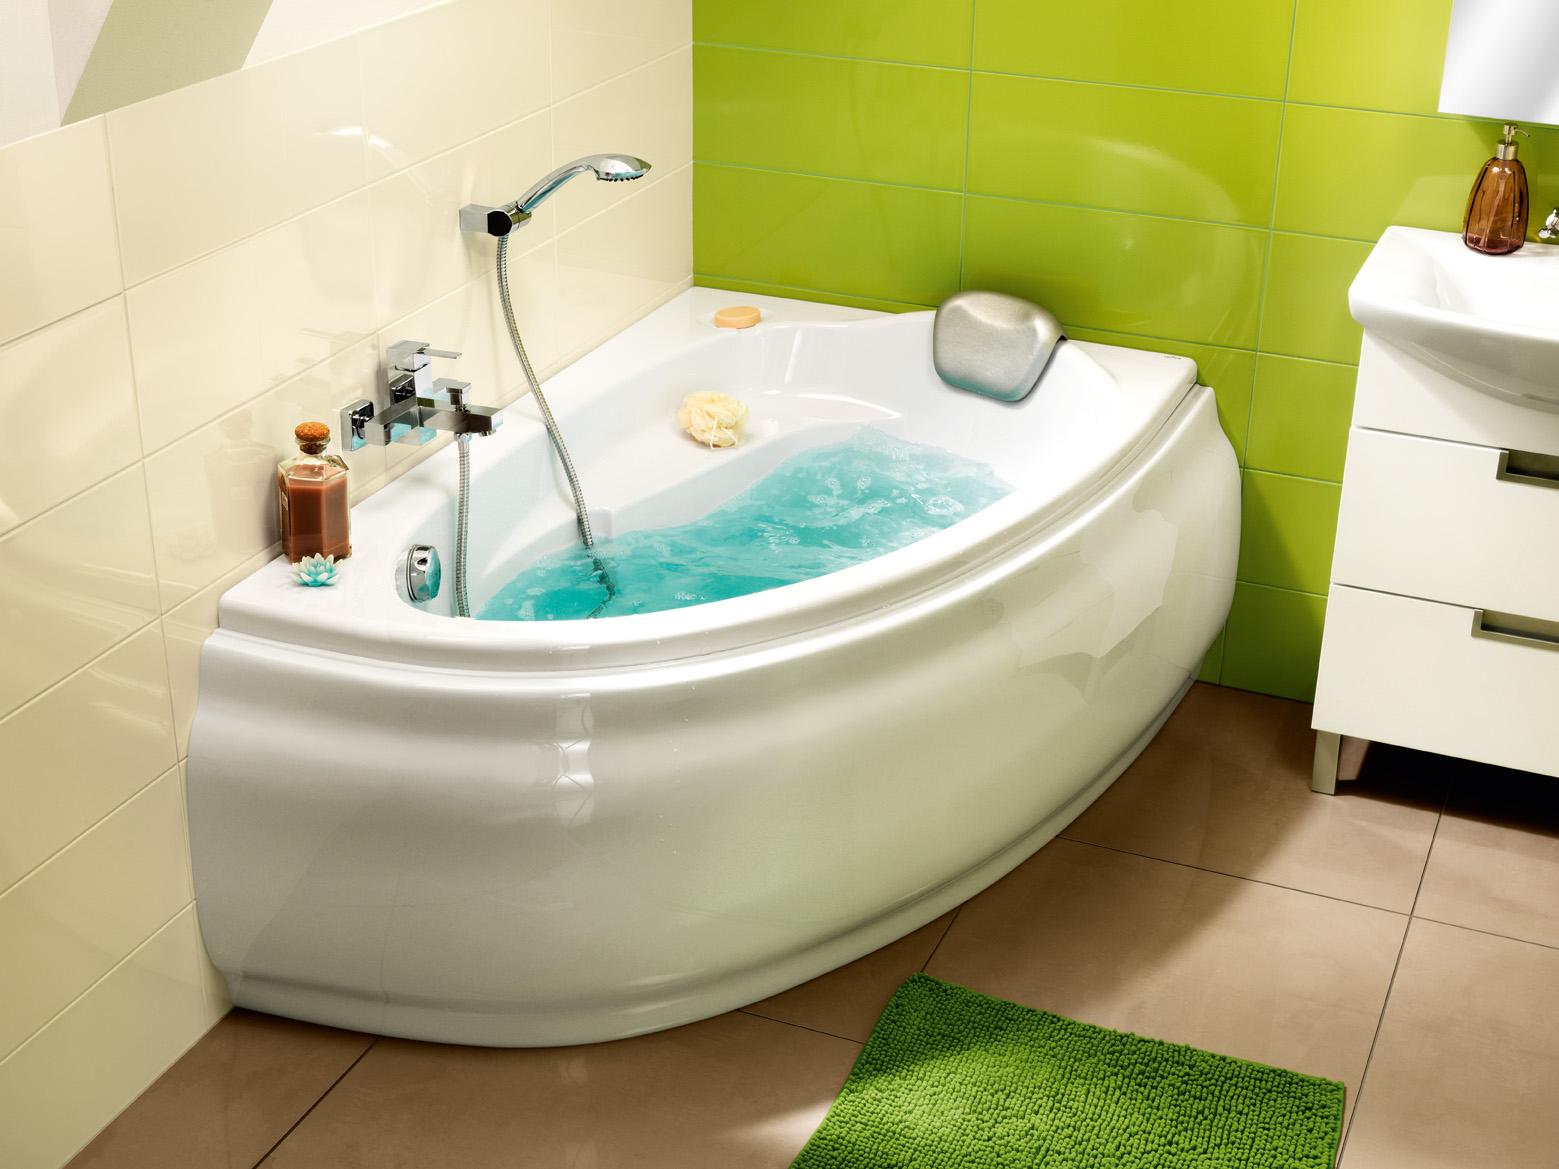 Ванна из акрила имеет ряд преимуществ - одним из которых является гигиеничность